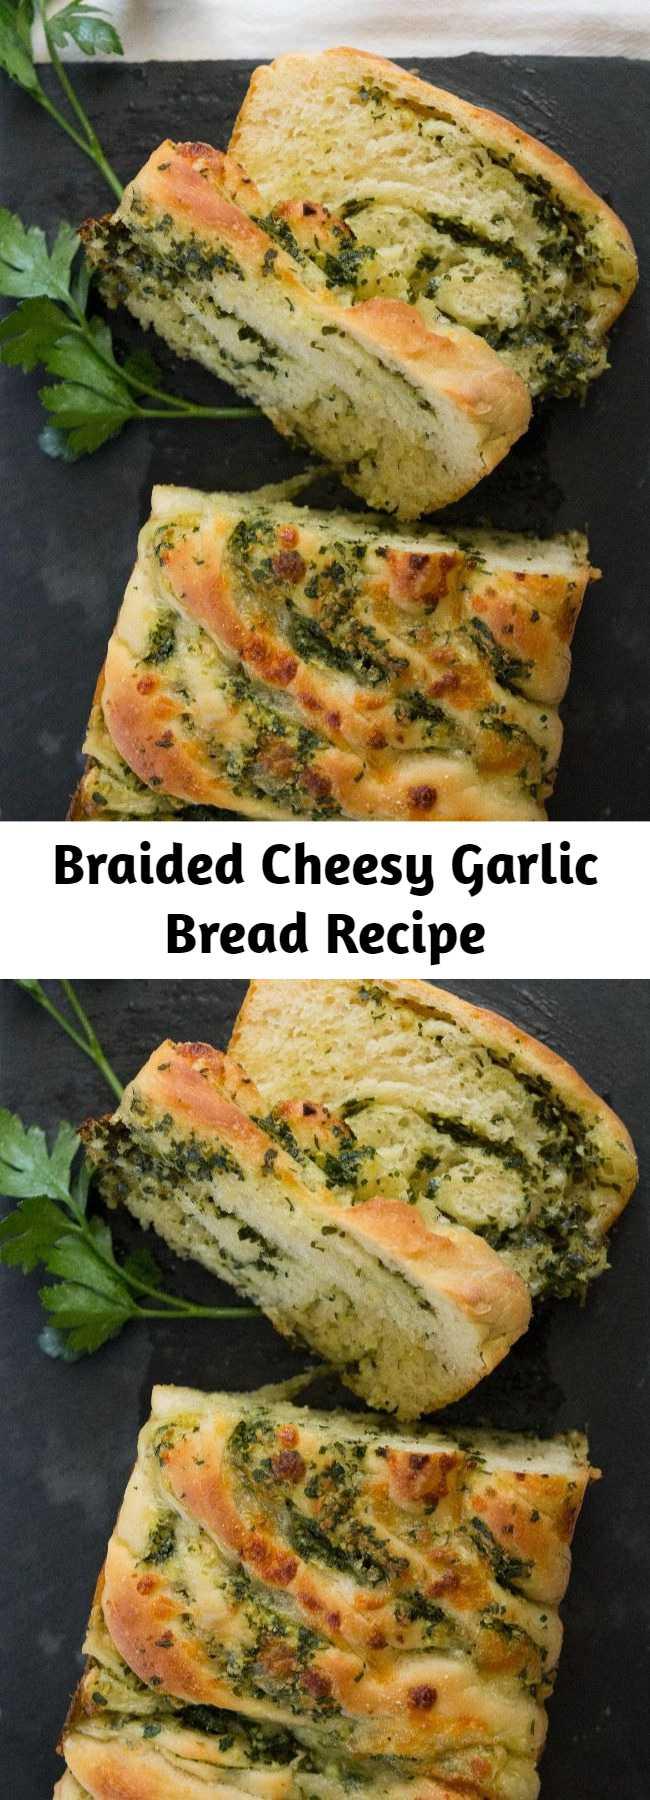 Braided Cheesy Garlic Bread Recipe - Classy AF.